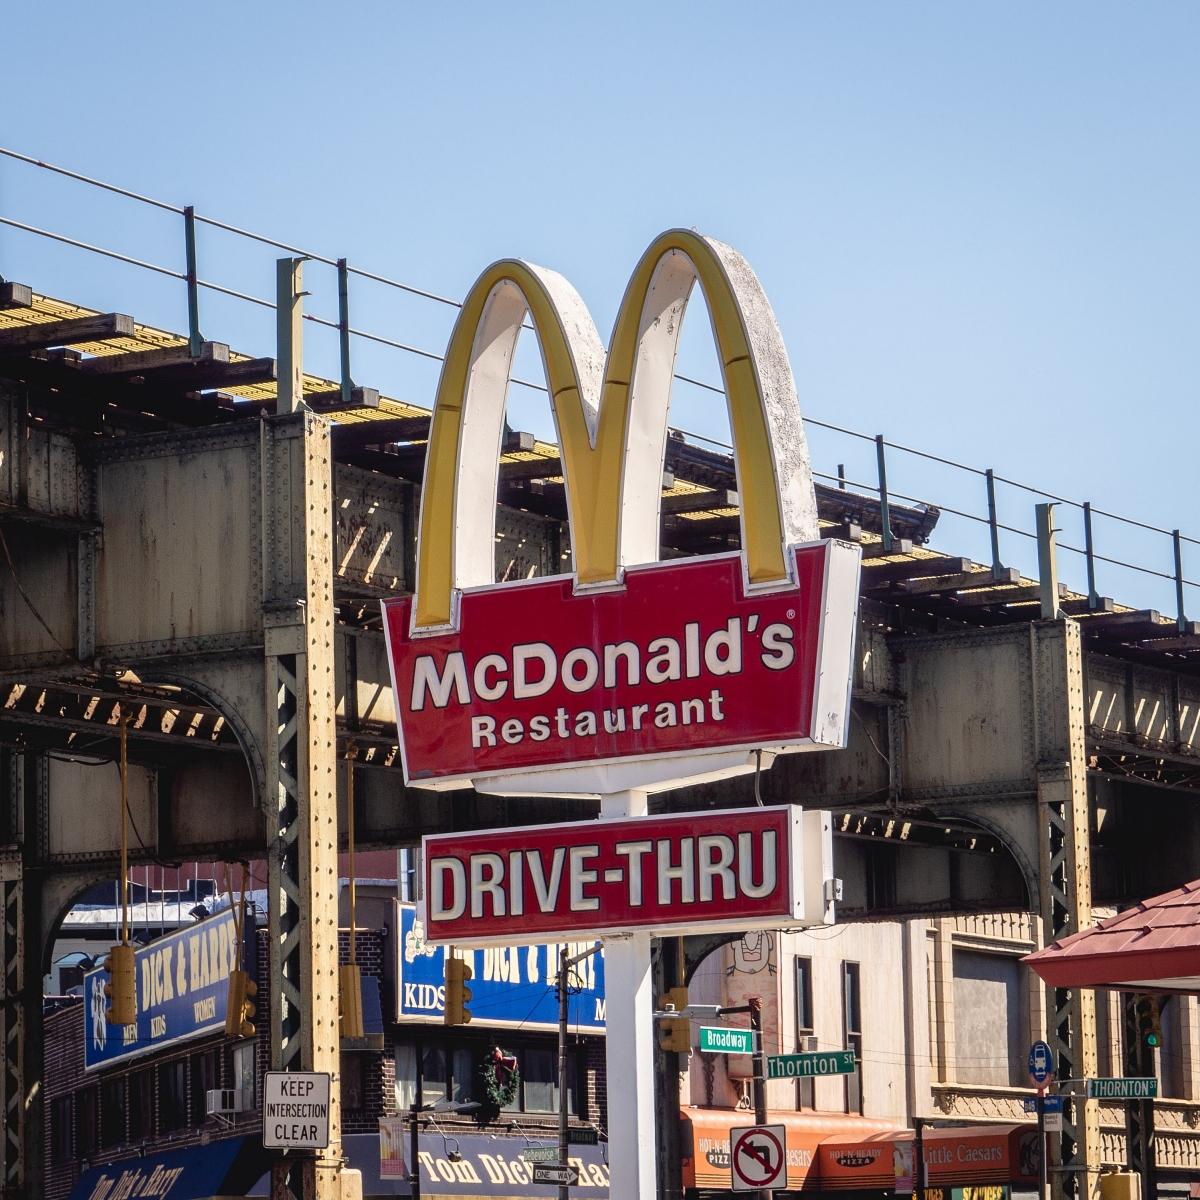 McDonald's sign, Brooklyn, NYC